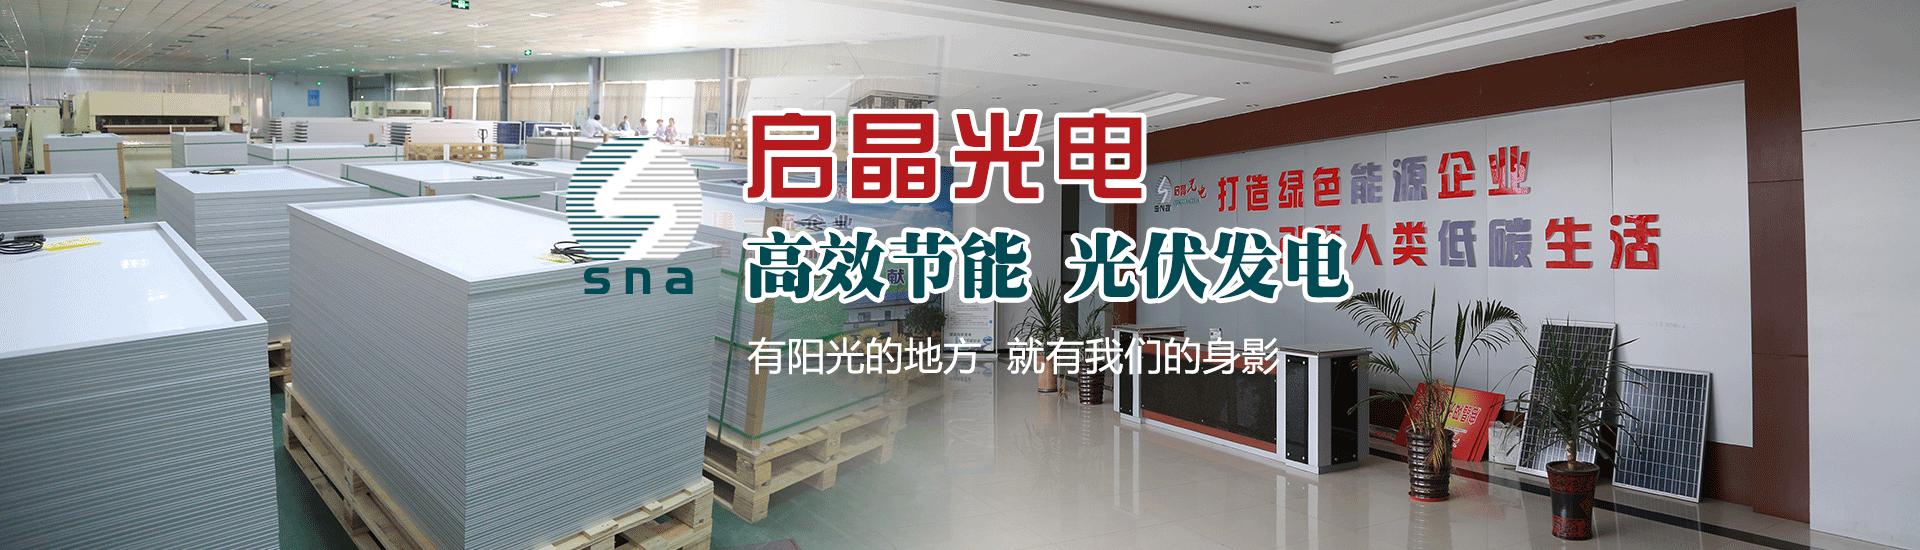 江苏启晶光电科技有限公司